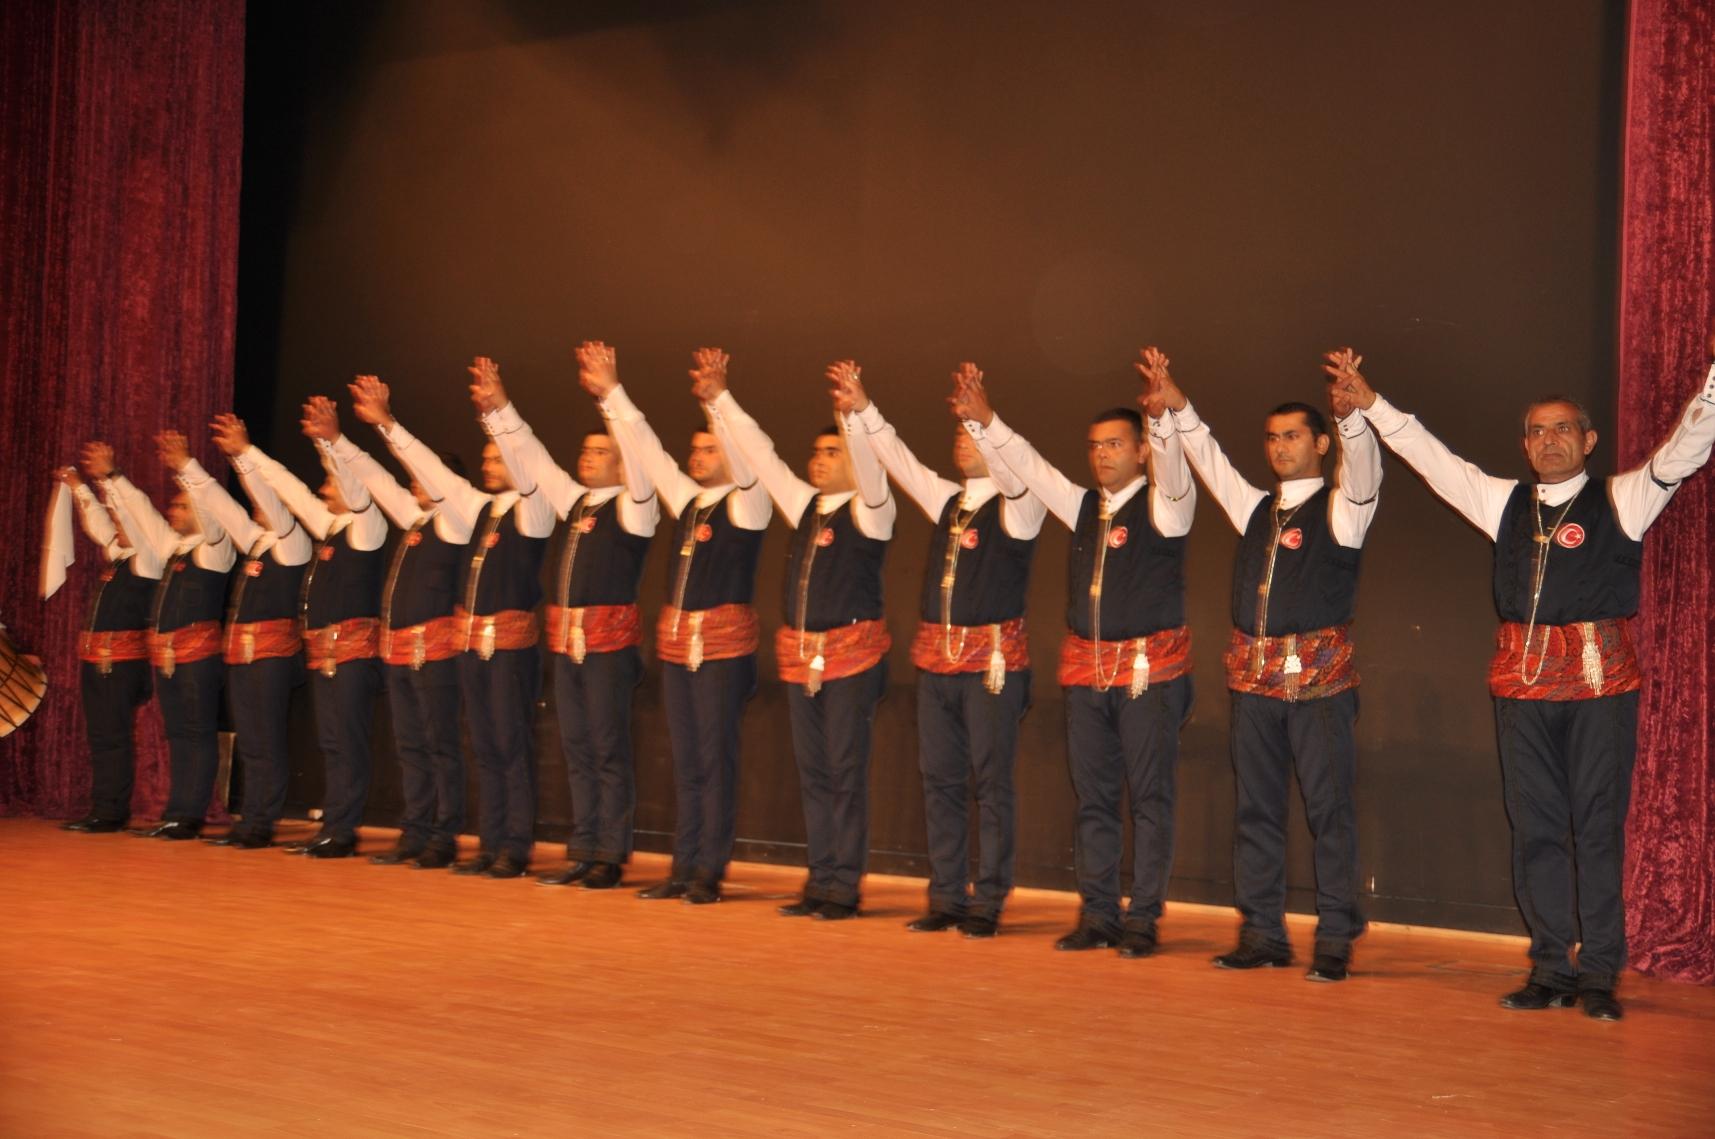 20.06.2012 yunus emre k.merkezi gösterisi 749